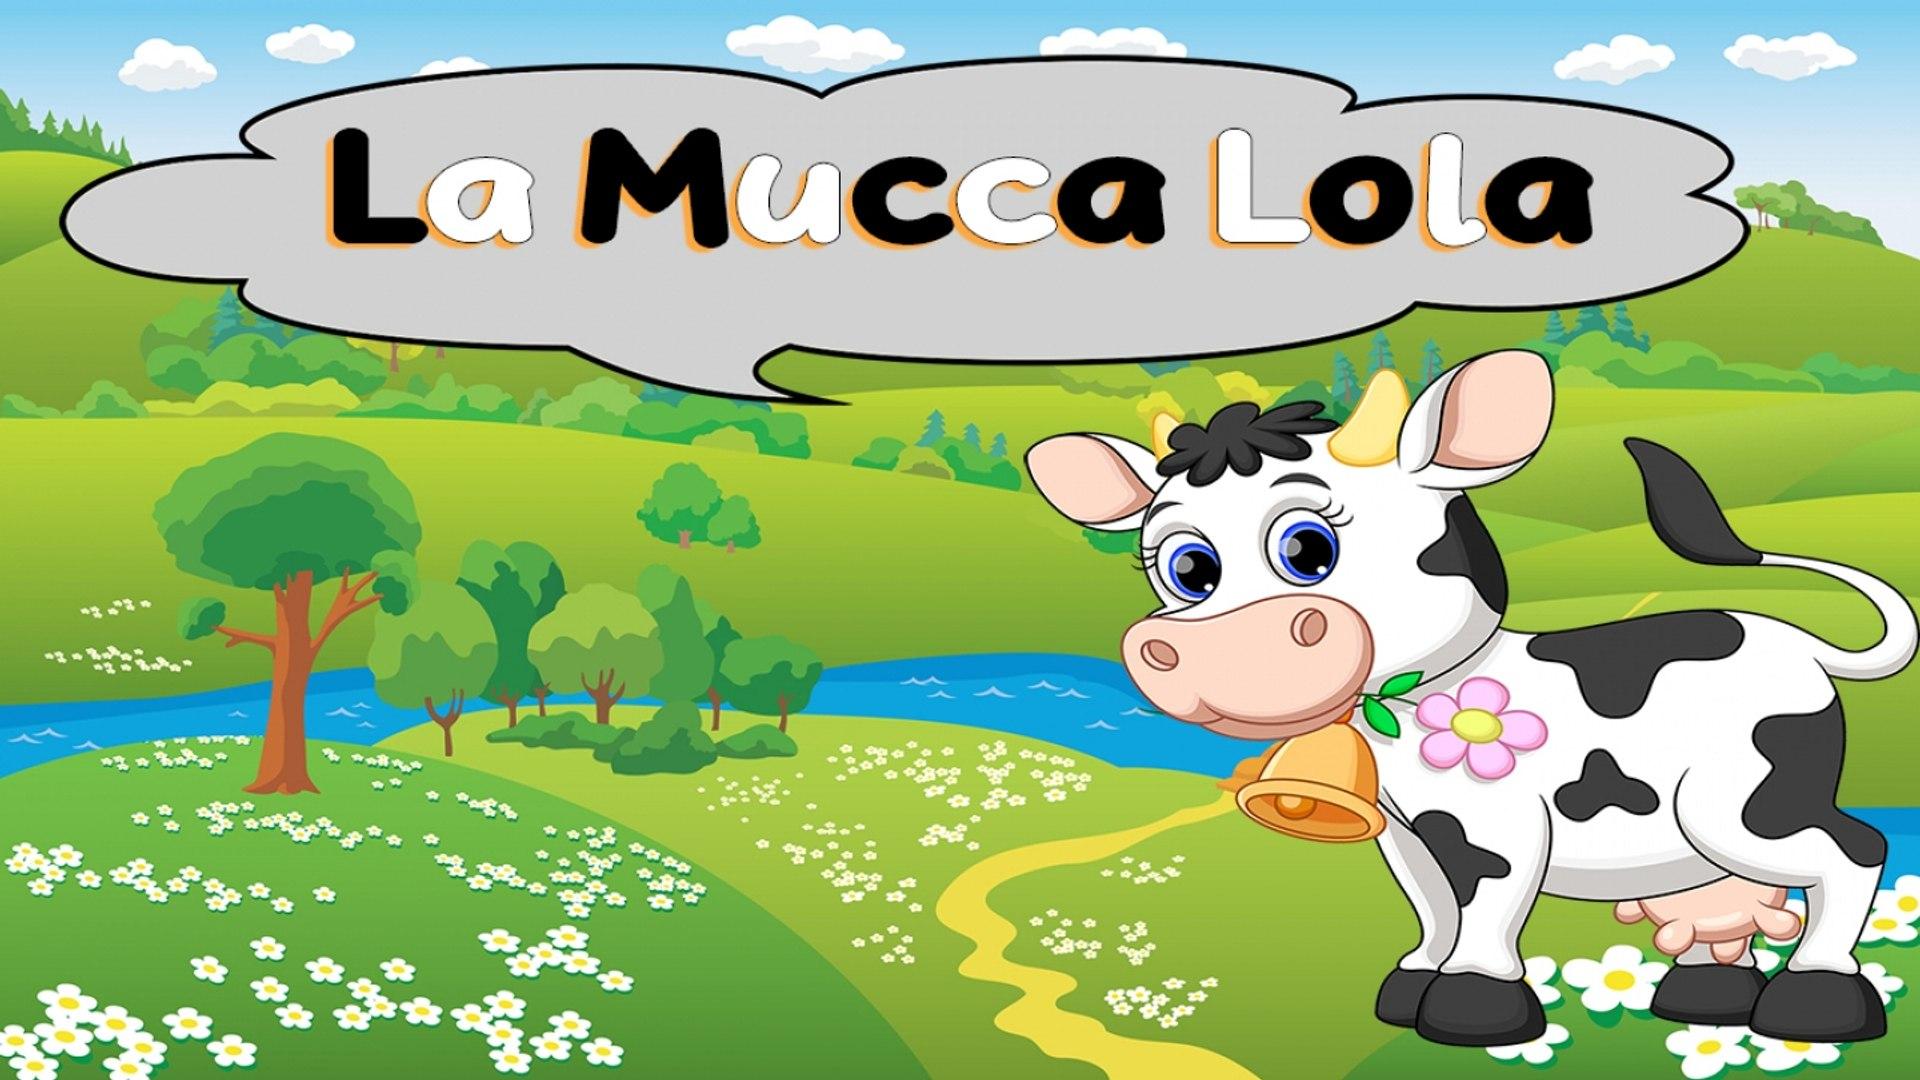 Sa La Mucca Lola Canzonibambini E Musica Per Bambini